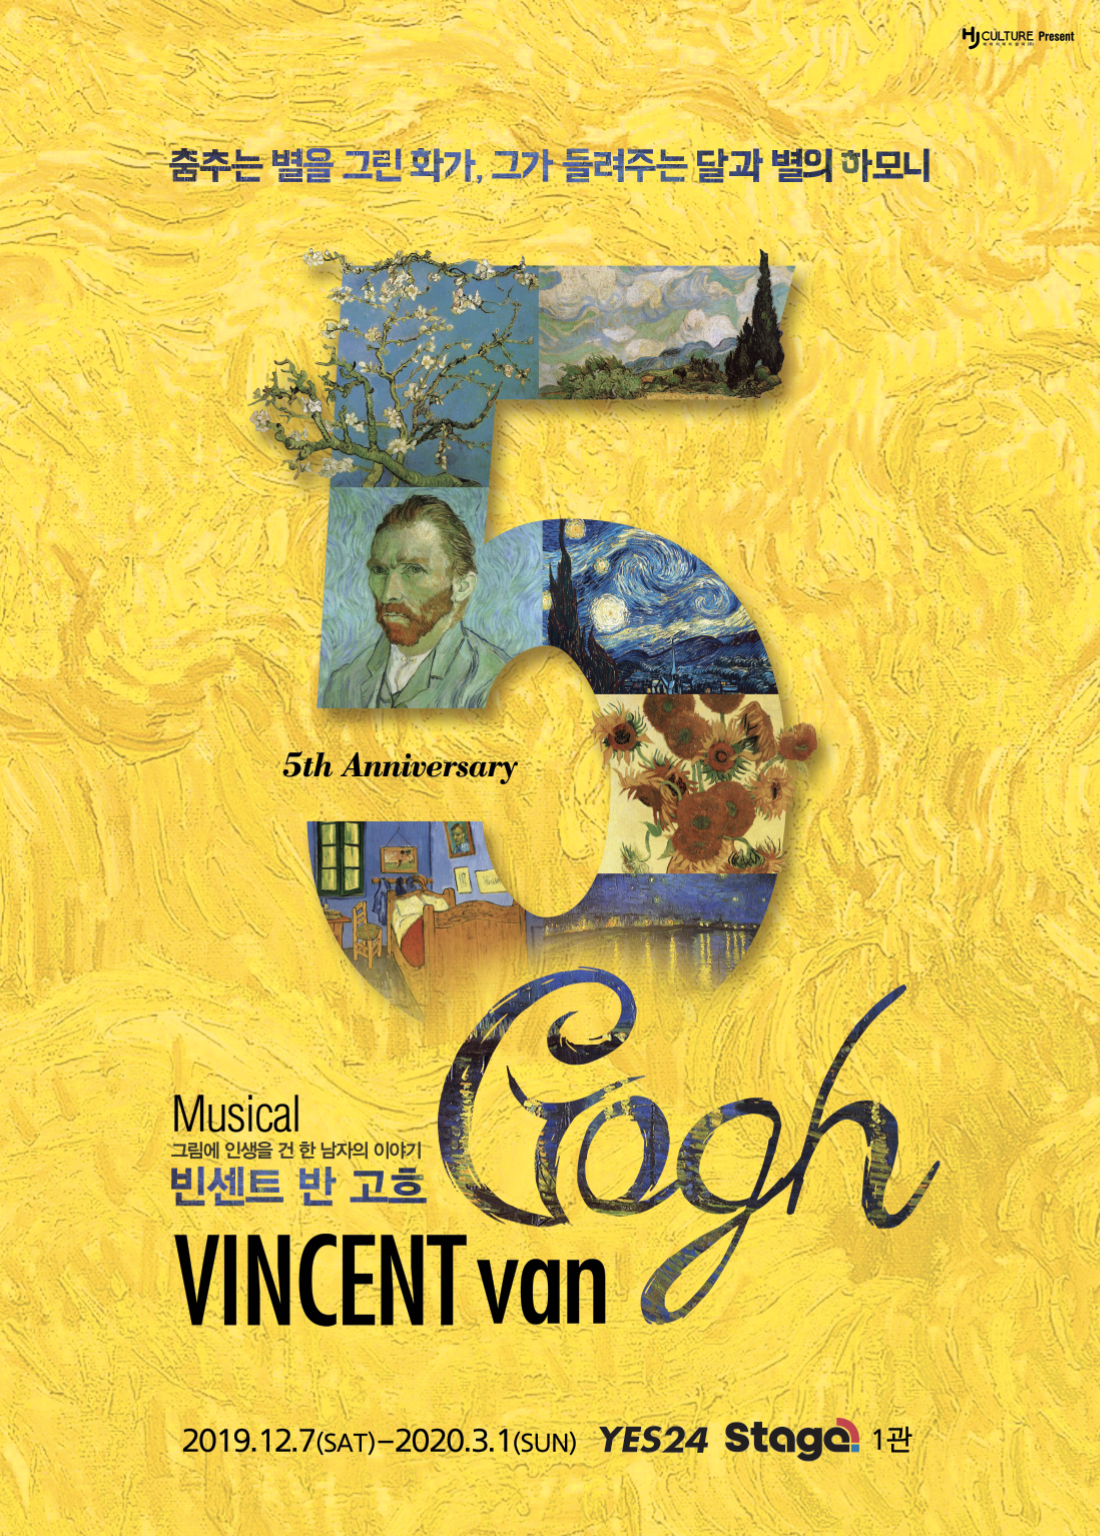 짧지만 강렬한 삶을 살다간 화가 '빈센트 반 고흐' 명작과 삶을 노래하다.